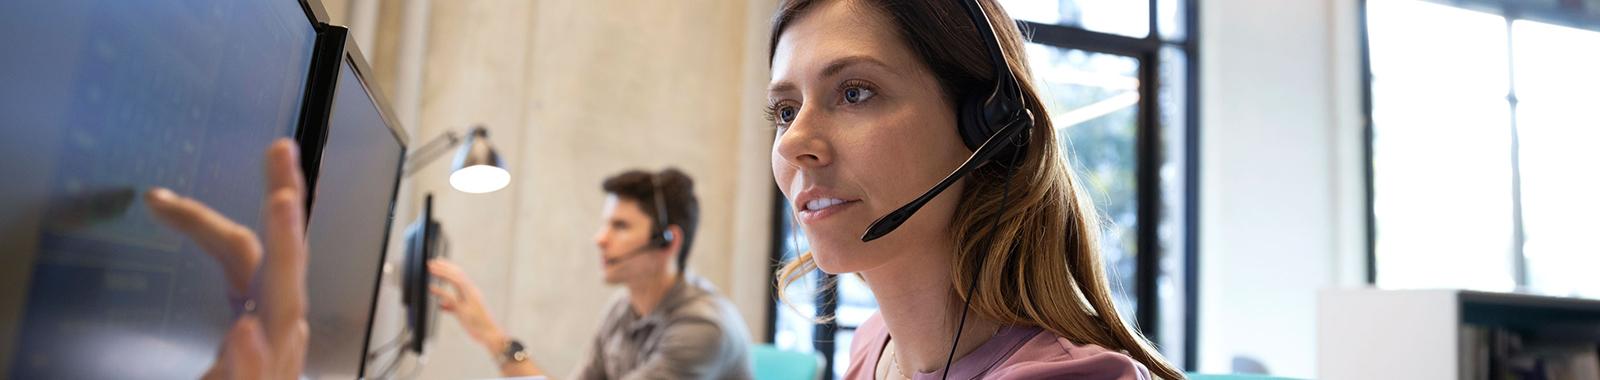 Hero Banner: Global team working in office